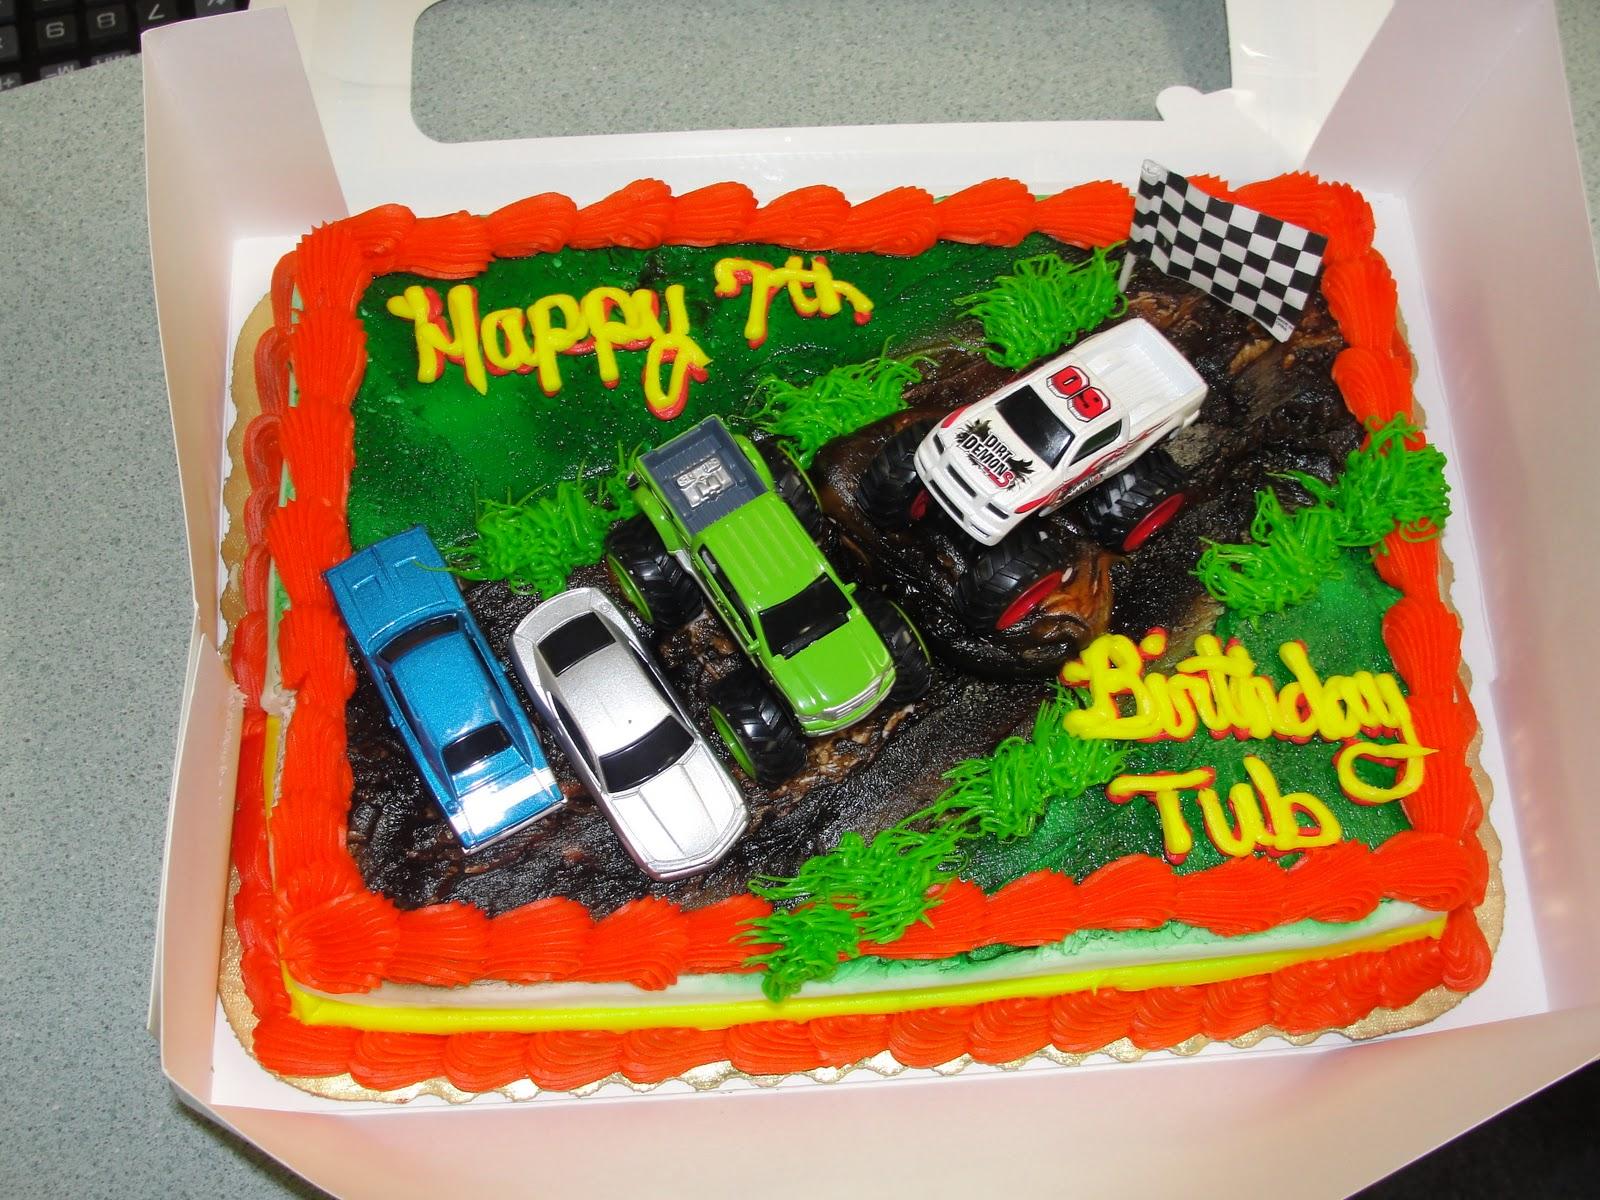 Free Cakes For Kids Killeen February 2011